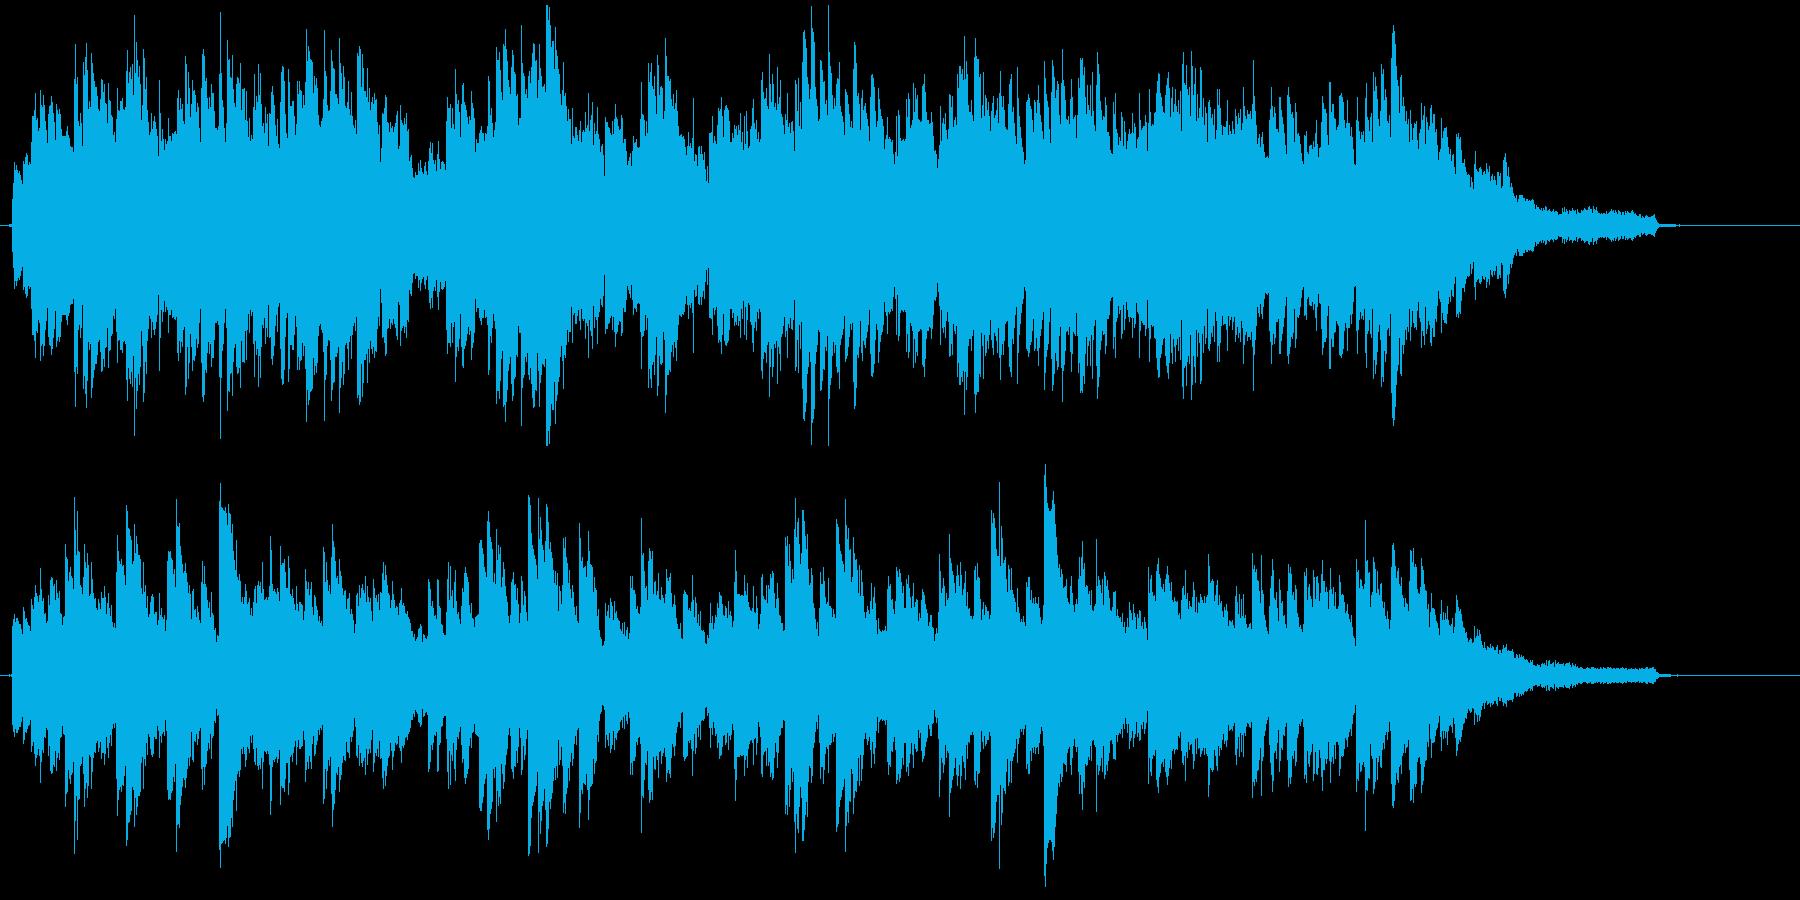 穏やかな雰囲気のピアノソロBGMの再生済みの波形